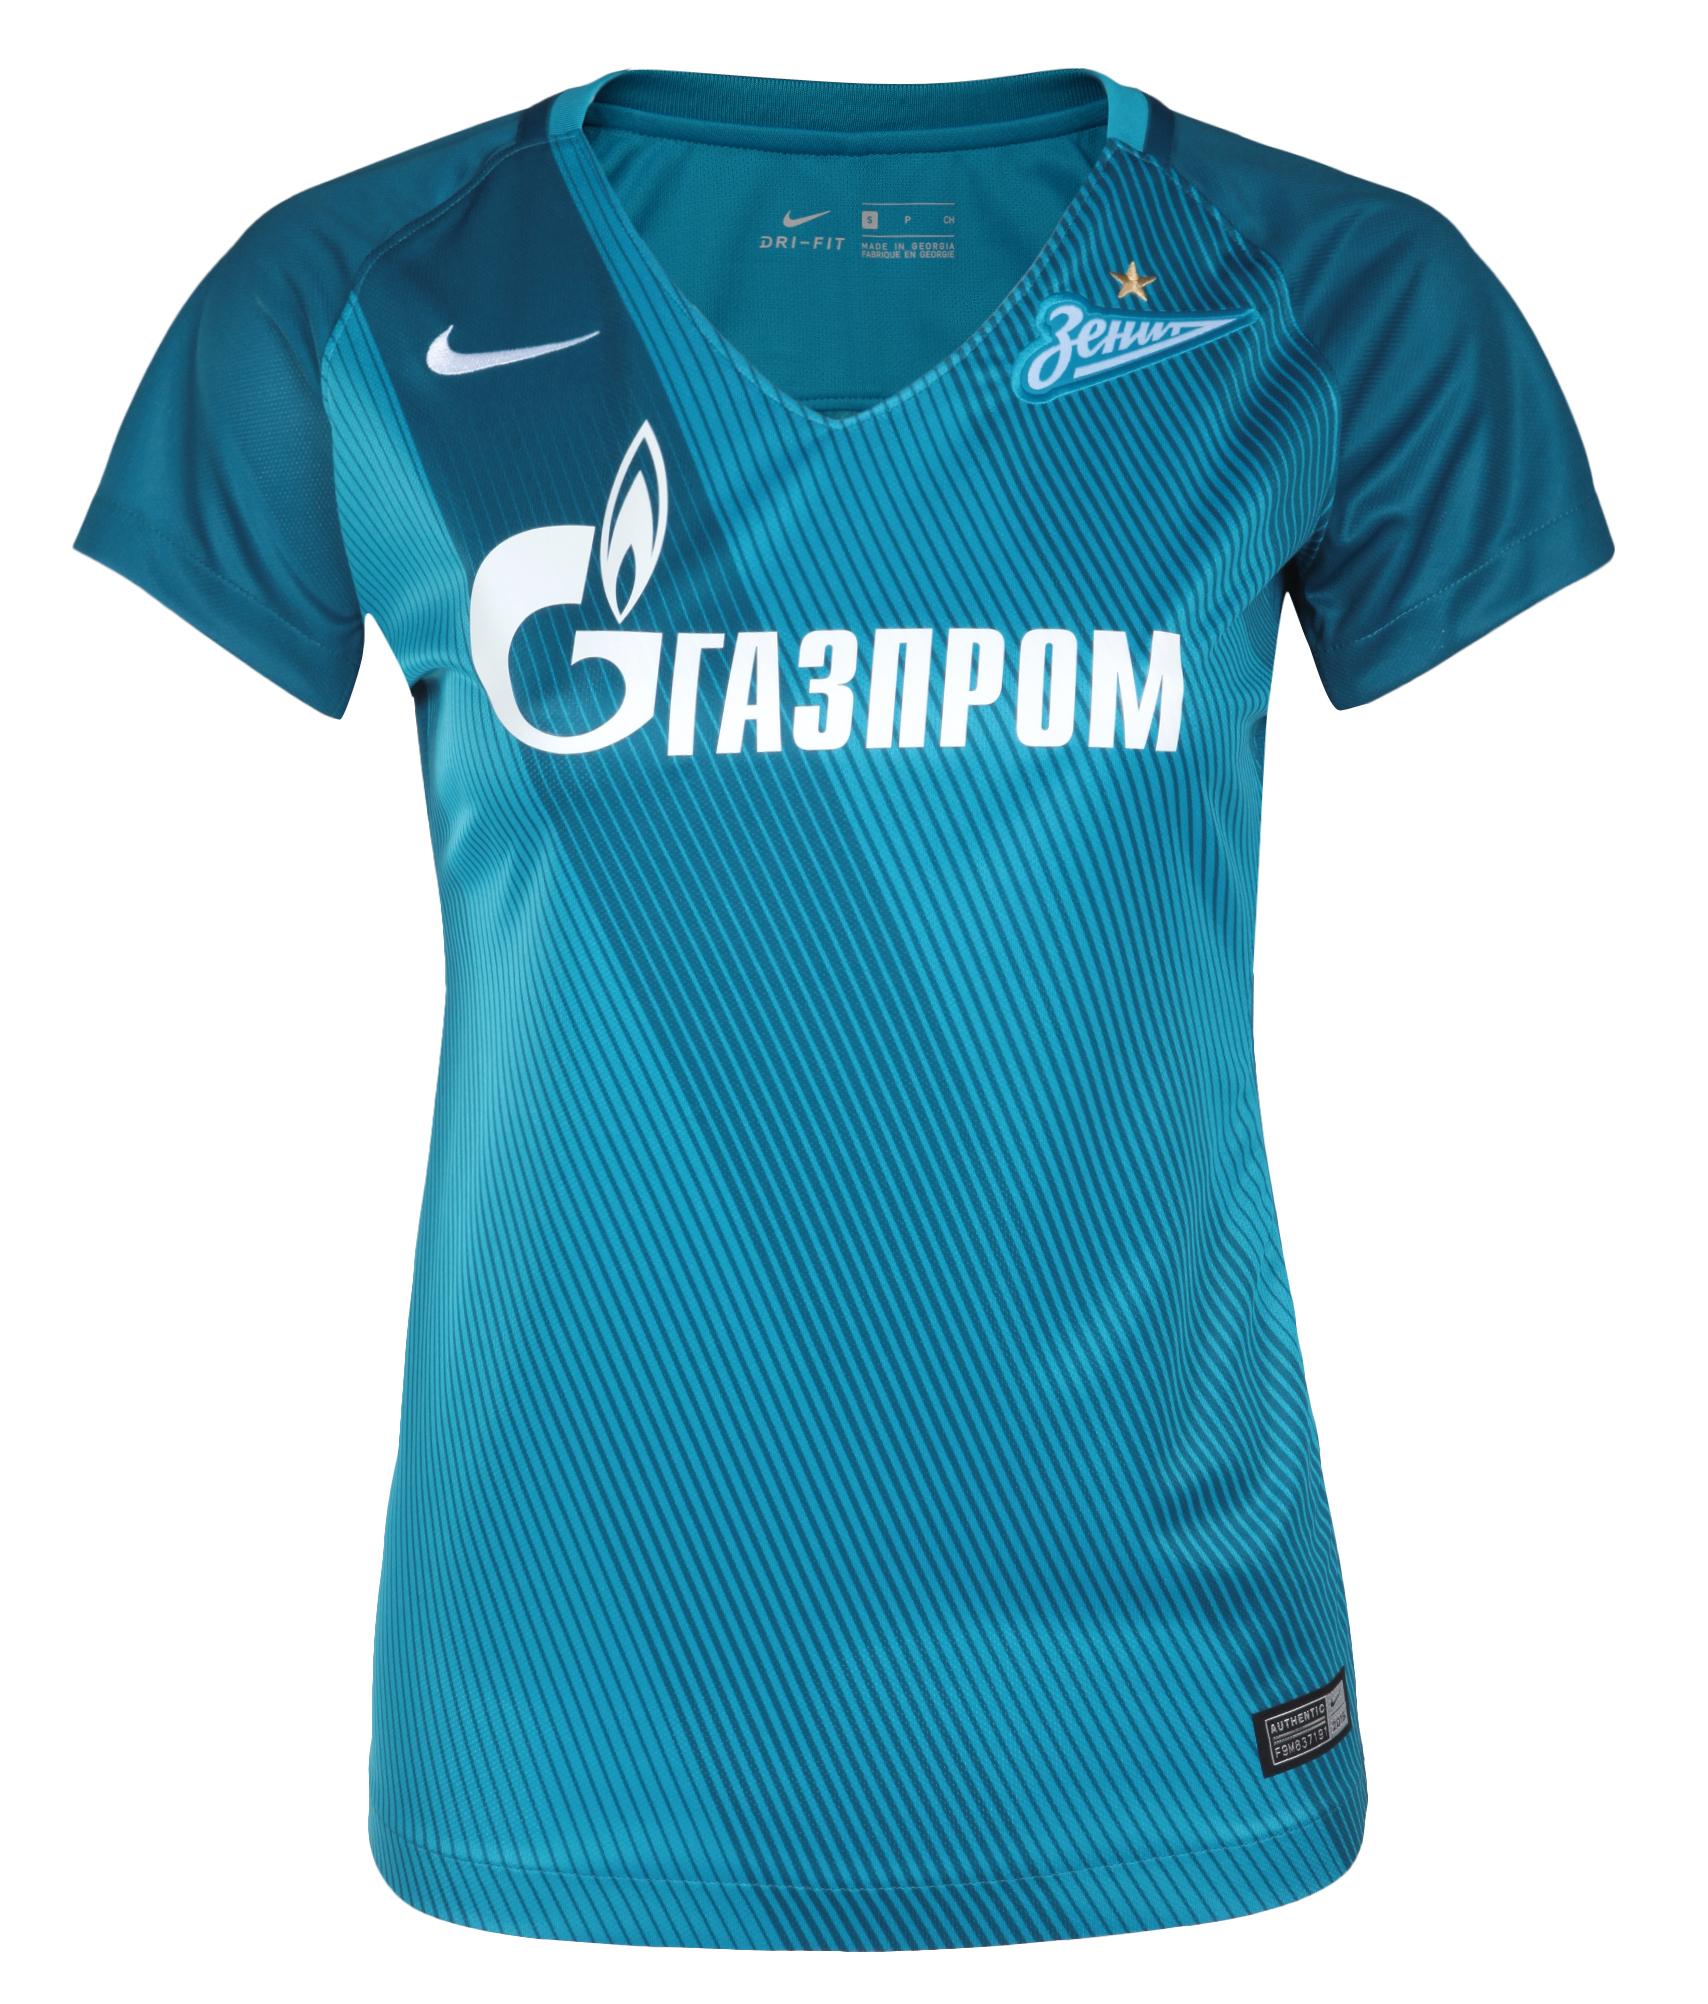 Женская игровая футболка, Цвет-Синий, Размер-L женская футболка l